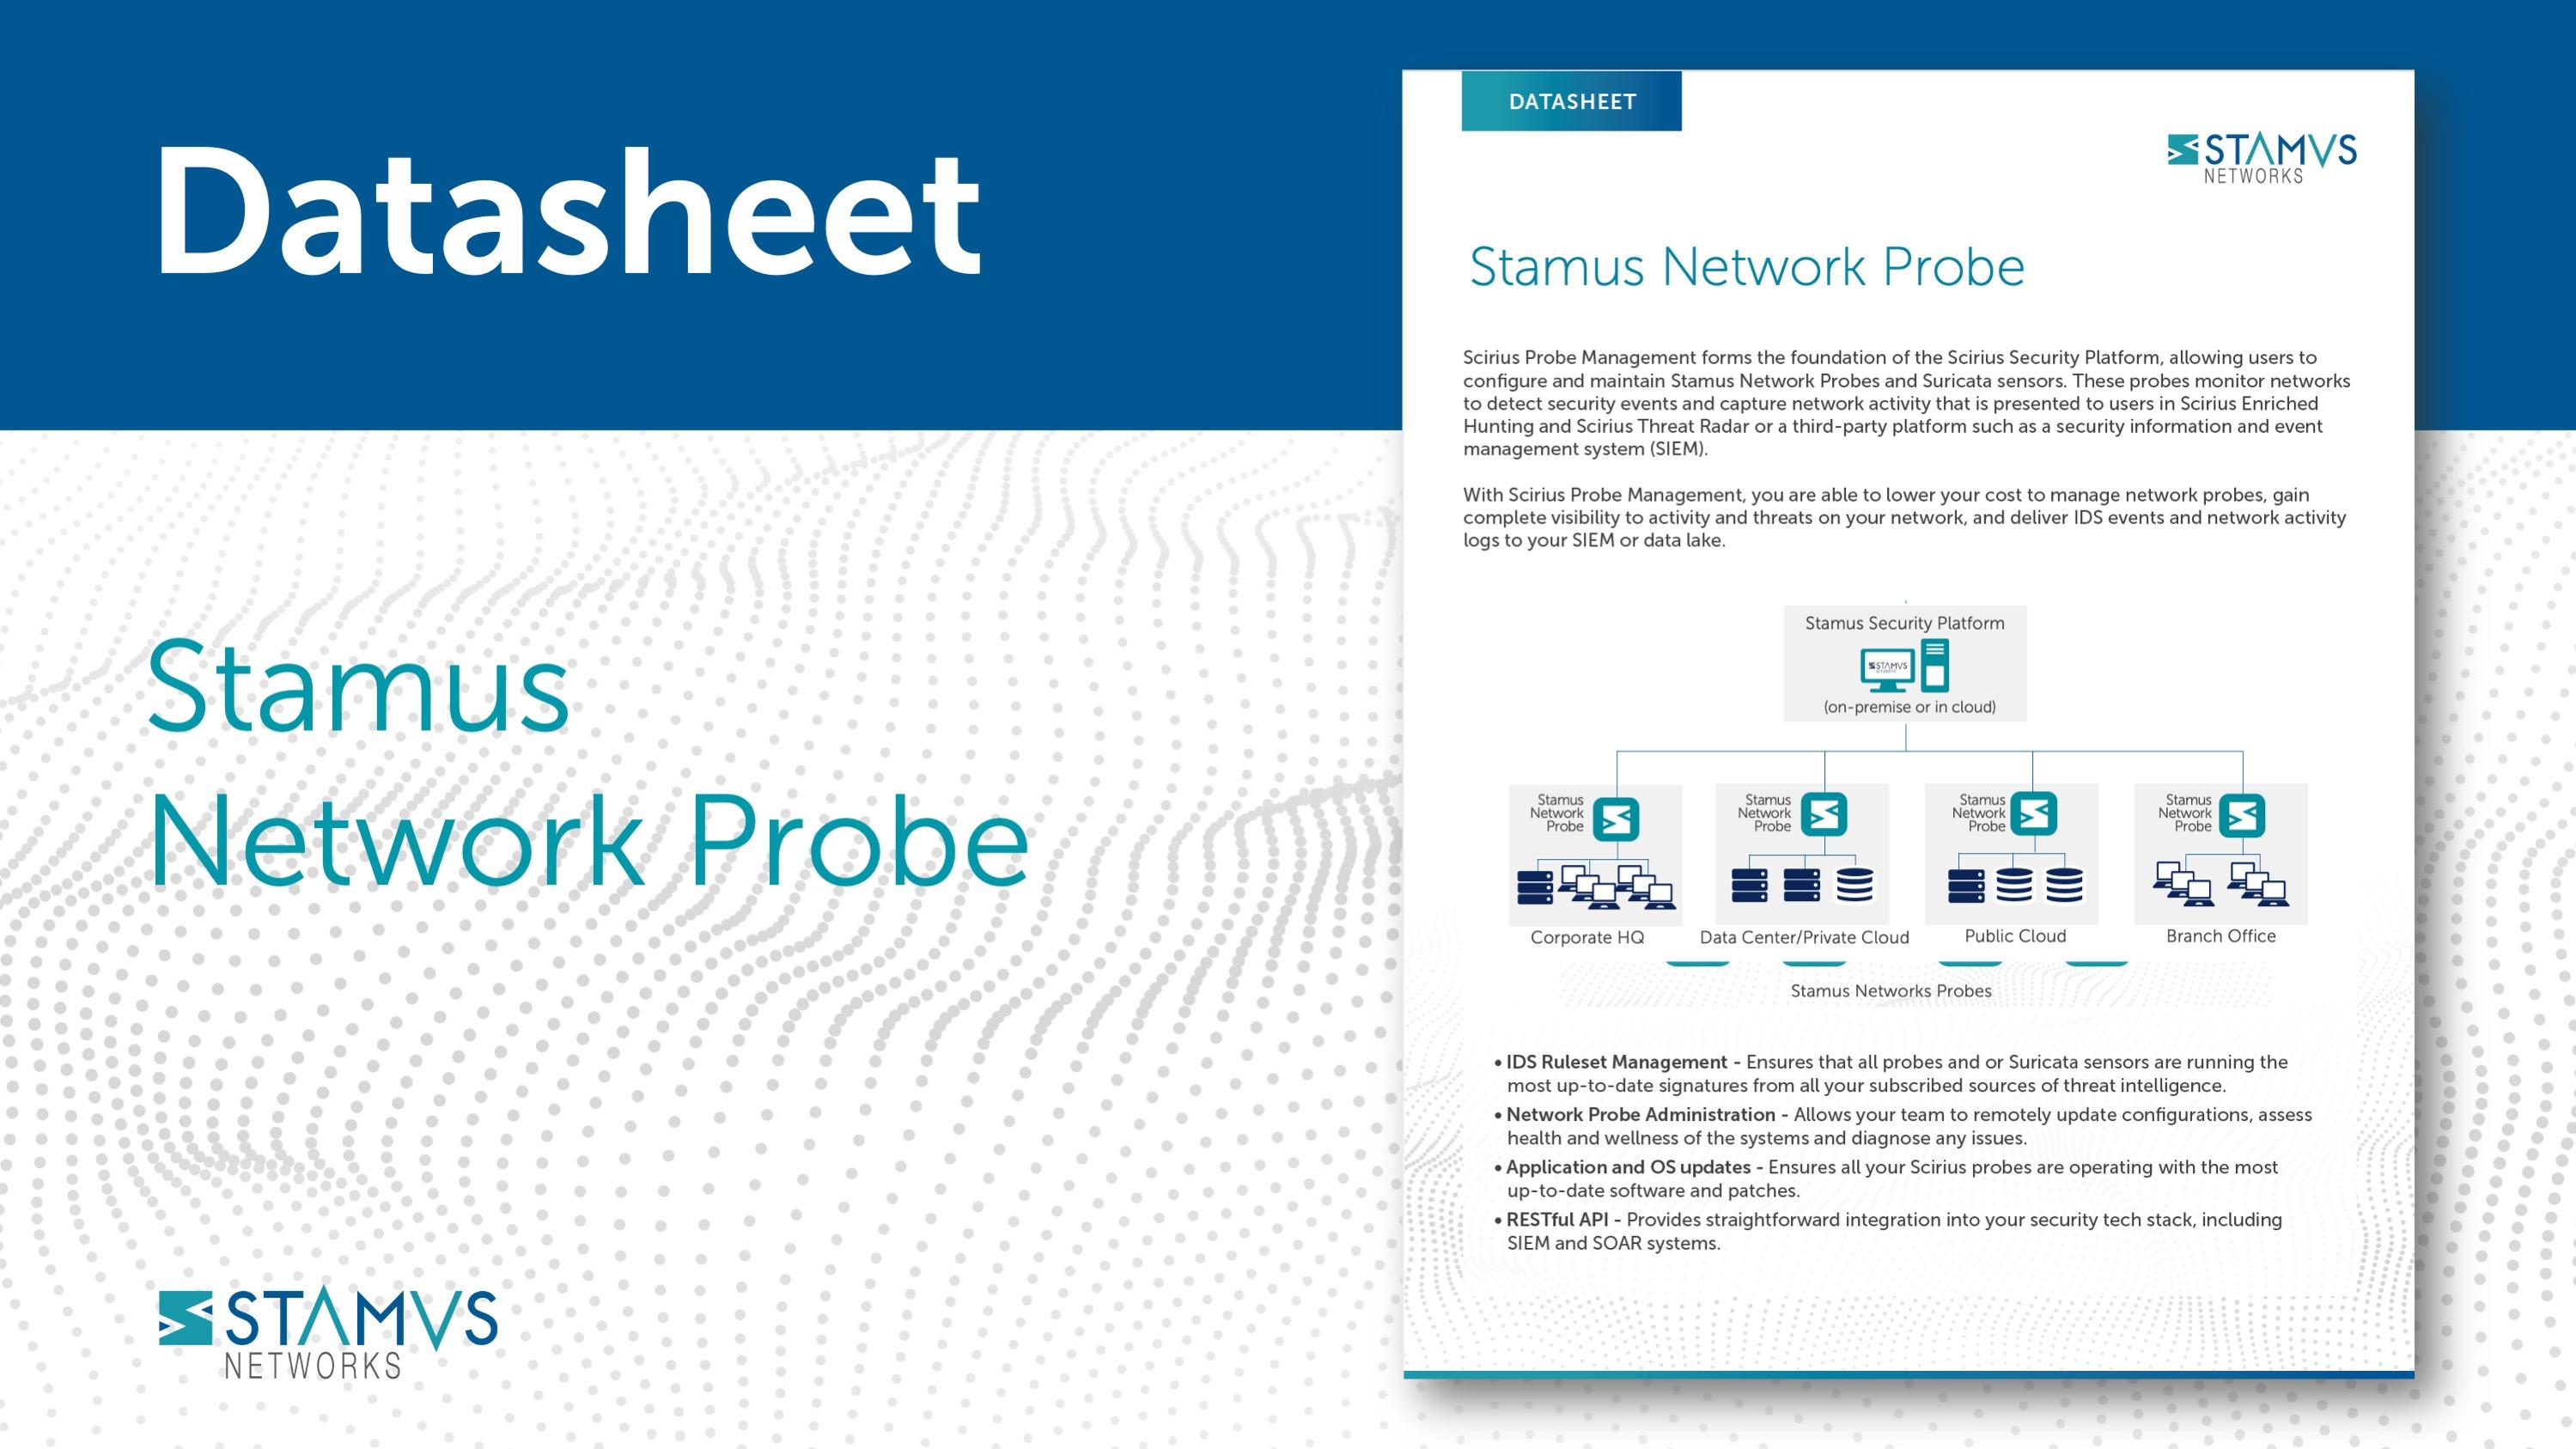 Stamus Network Probe